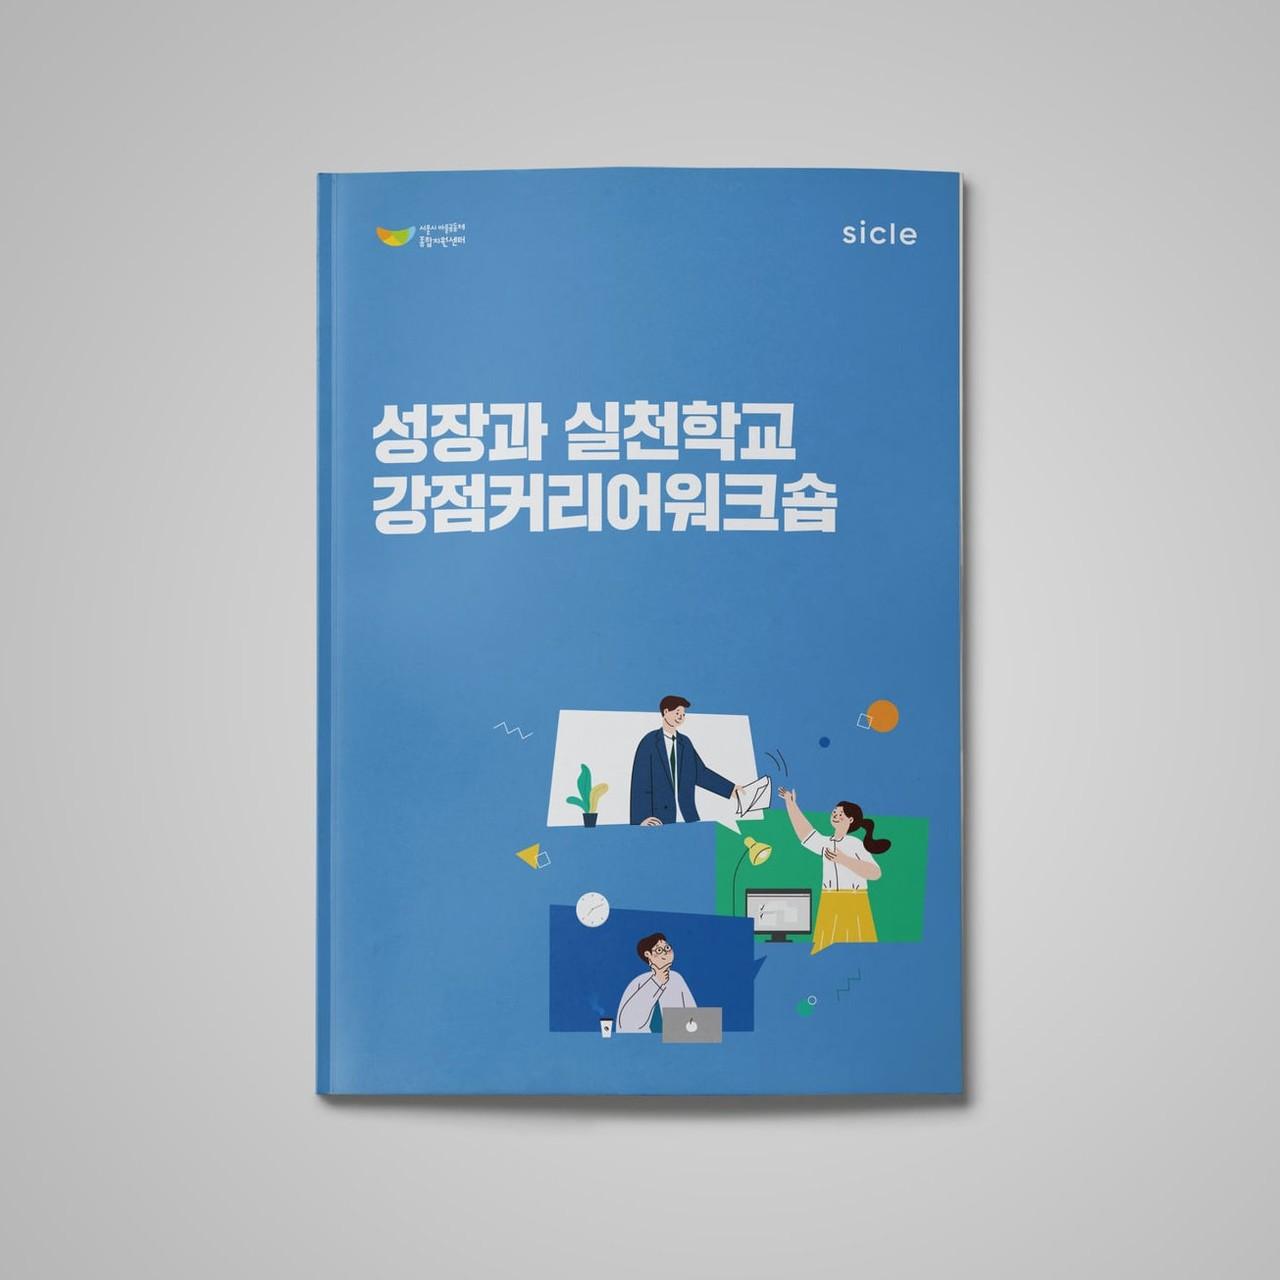 성장과 실천학교 강점커리어워크숍 워크북 디자인 시안 - 퇴사학교